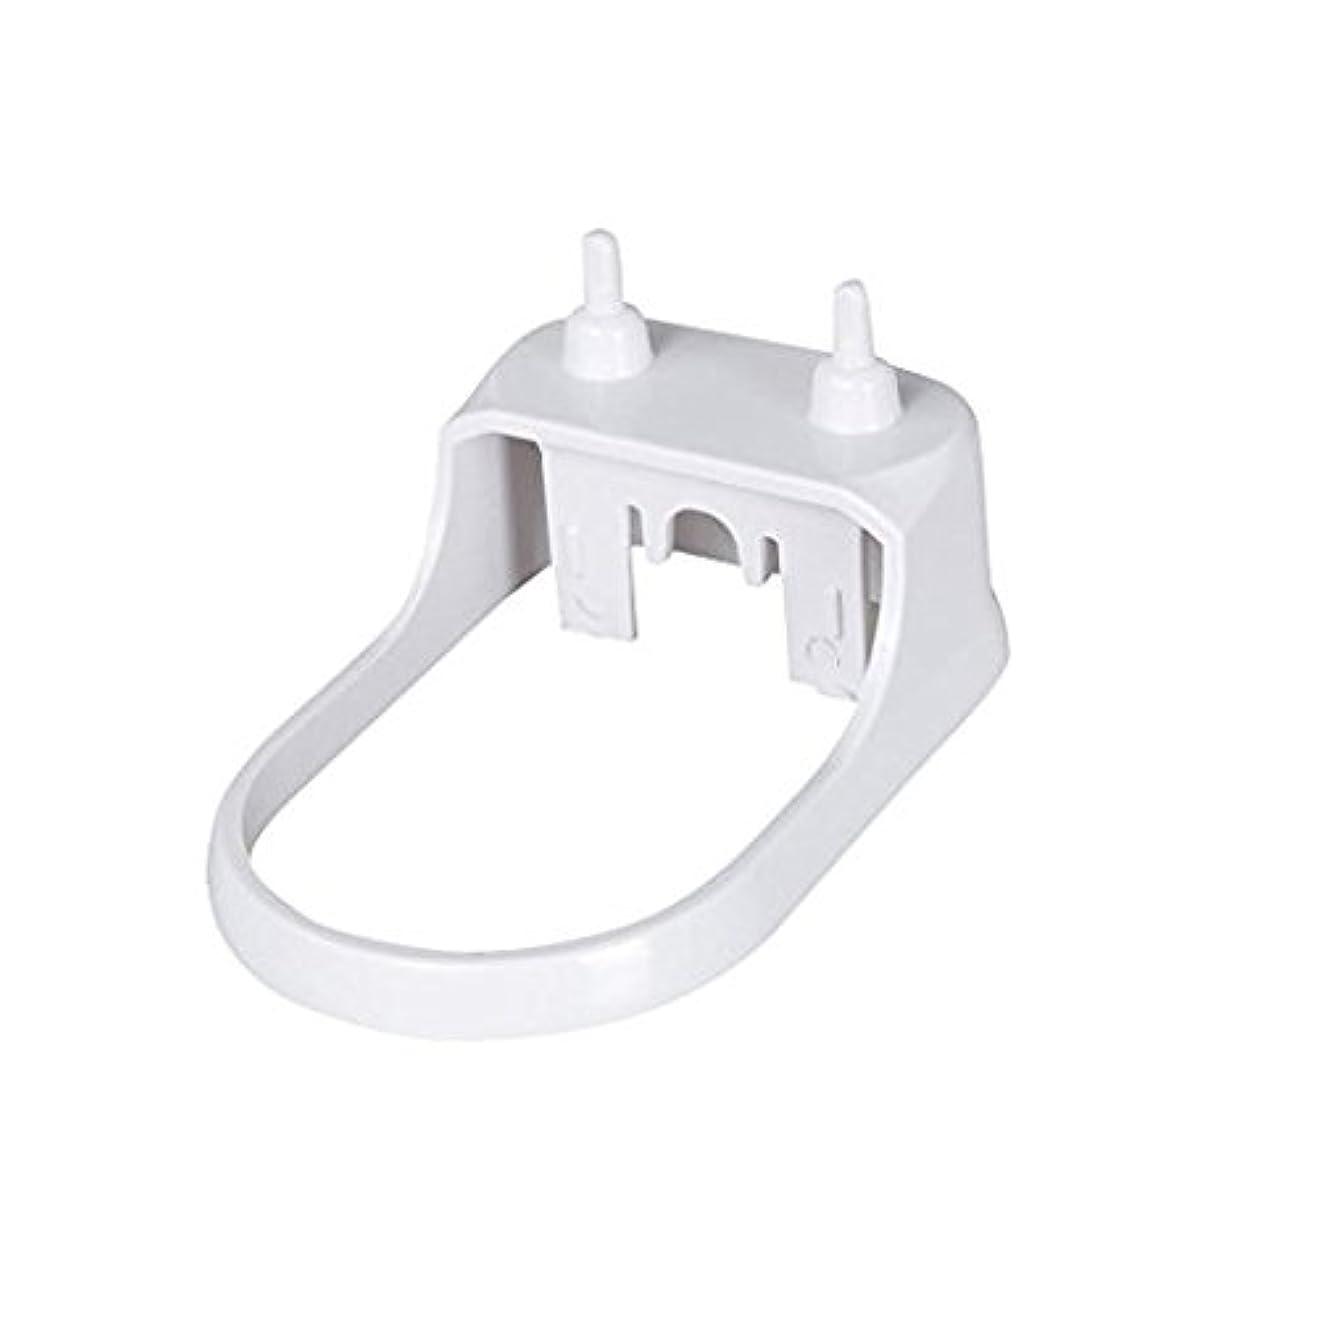 夏韓国食い違いハードプラスチックスタンド for Philips sonicare 電動歯ブラシ専用 携帯用小型充電器 フィリップス ソニッケアー音波電動歯ブラシ 充電器 by Kadior (ホワイト)